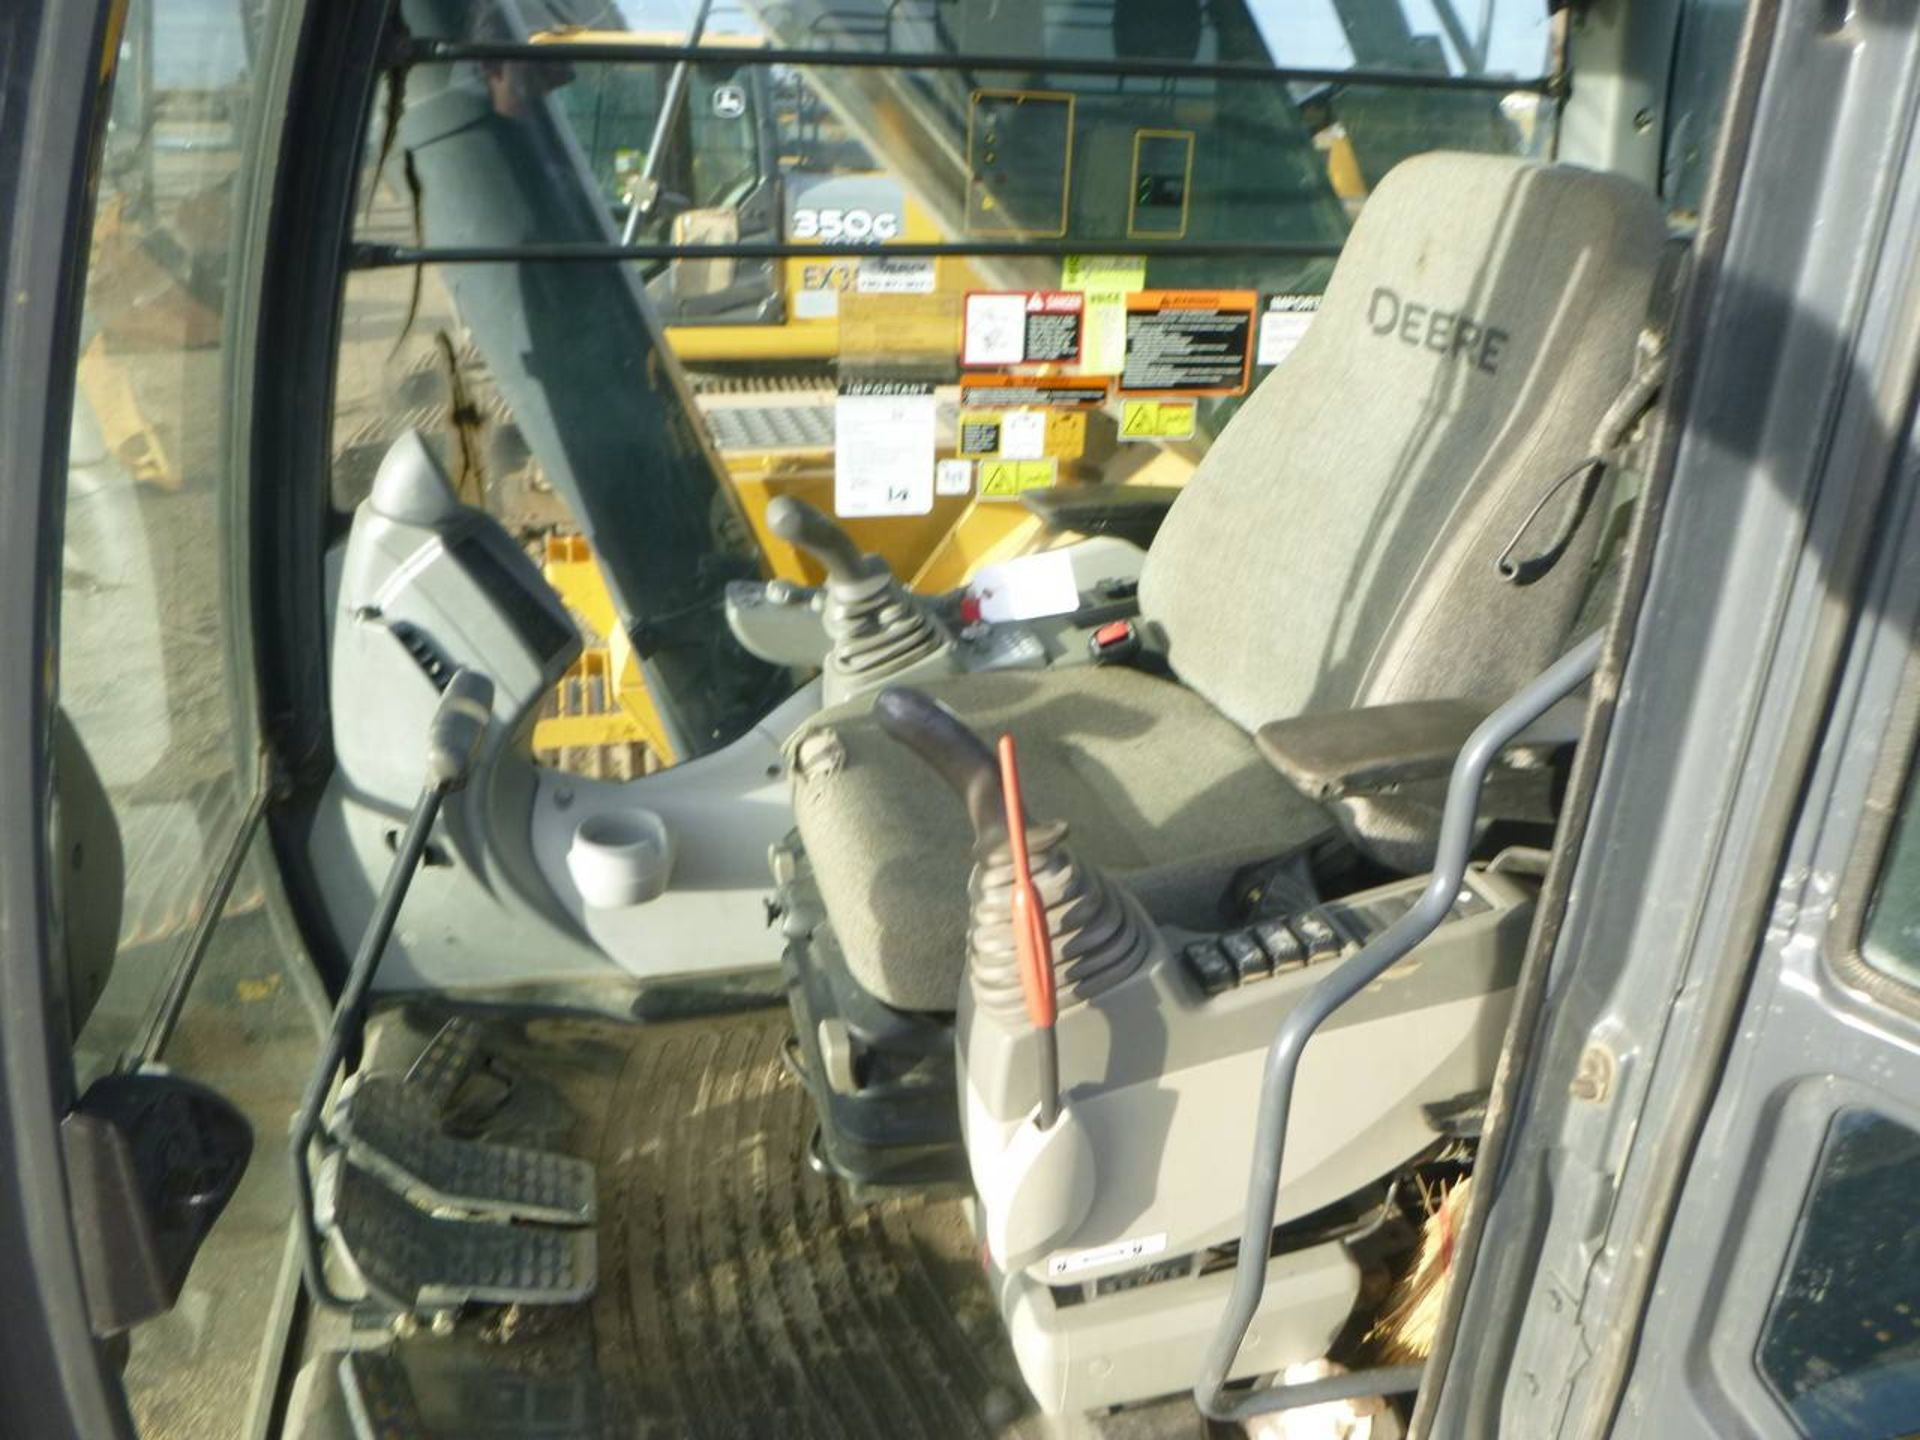 2014 John Deere 470G LC Excavator - Image 9 of 12